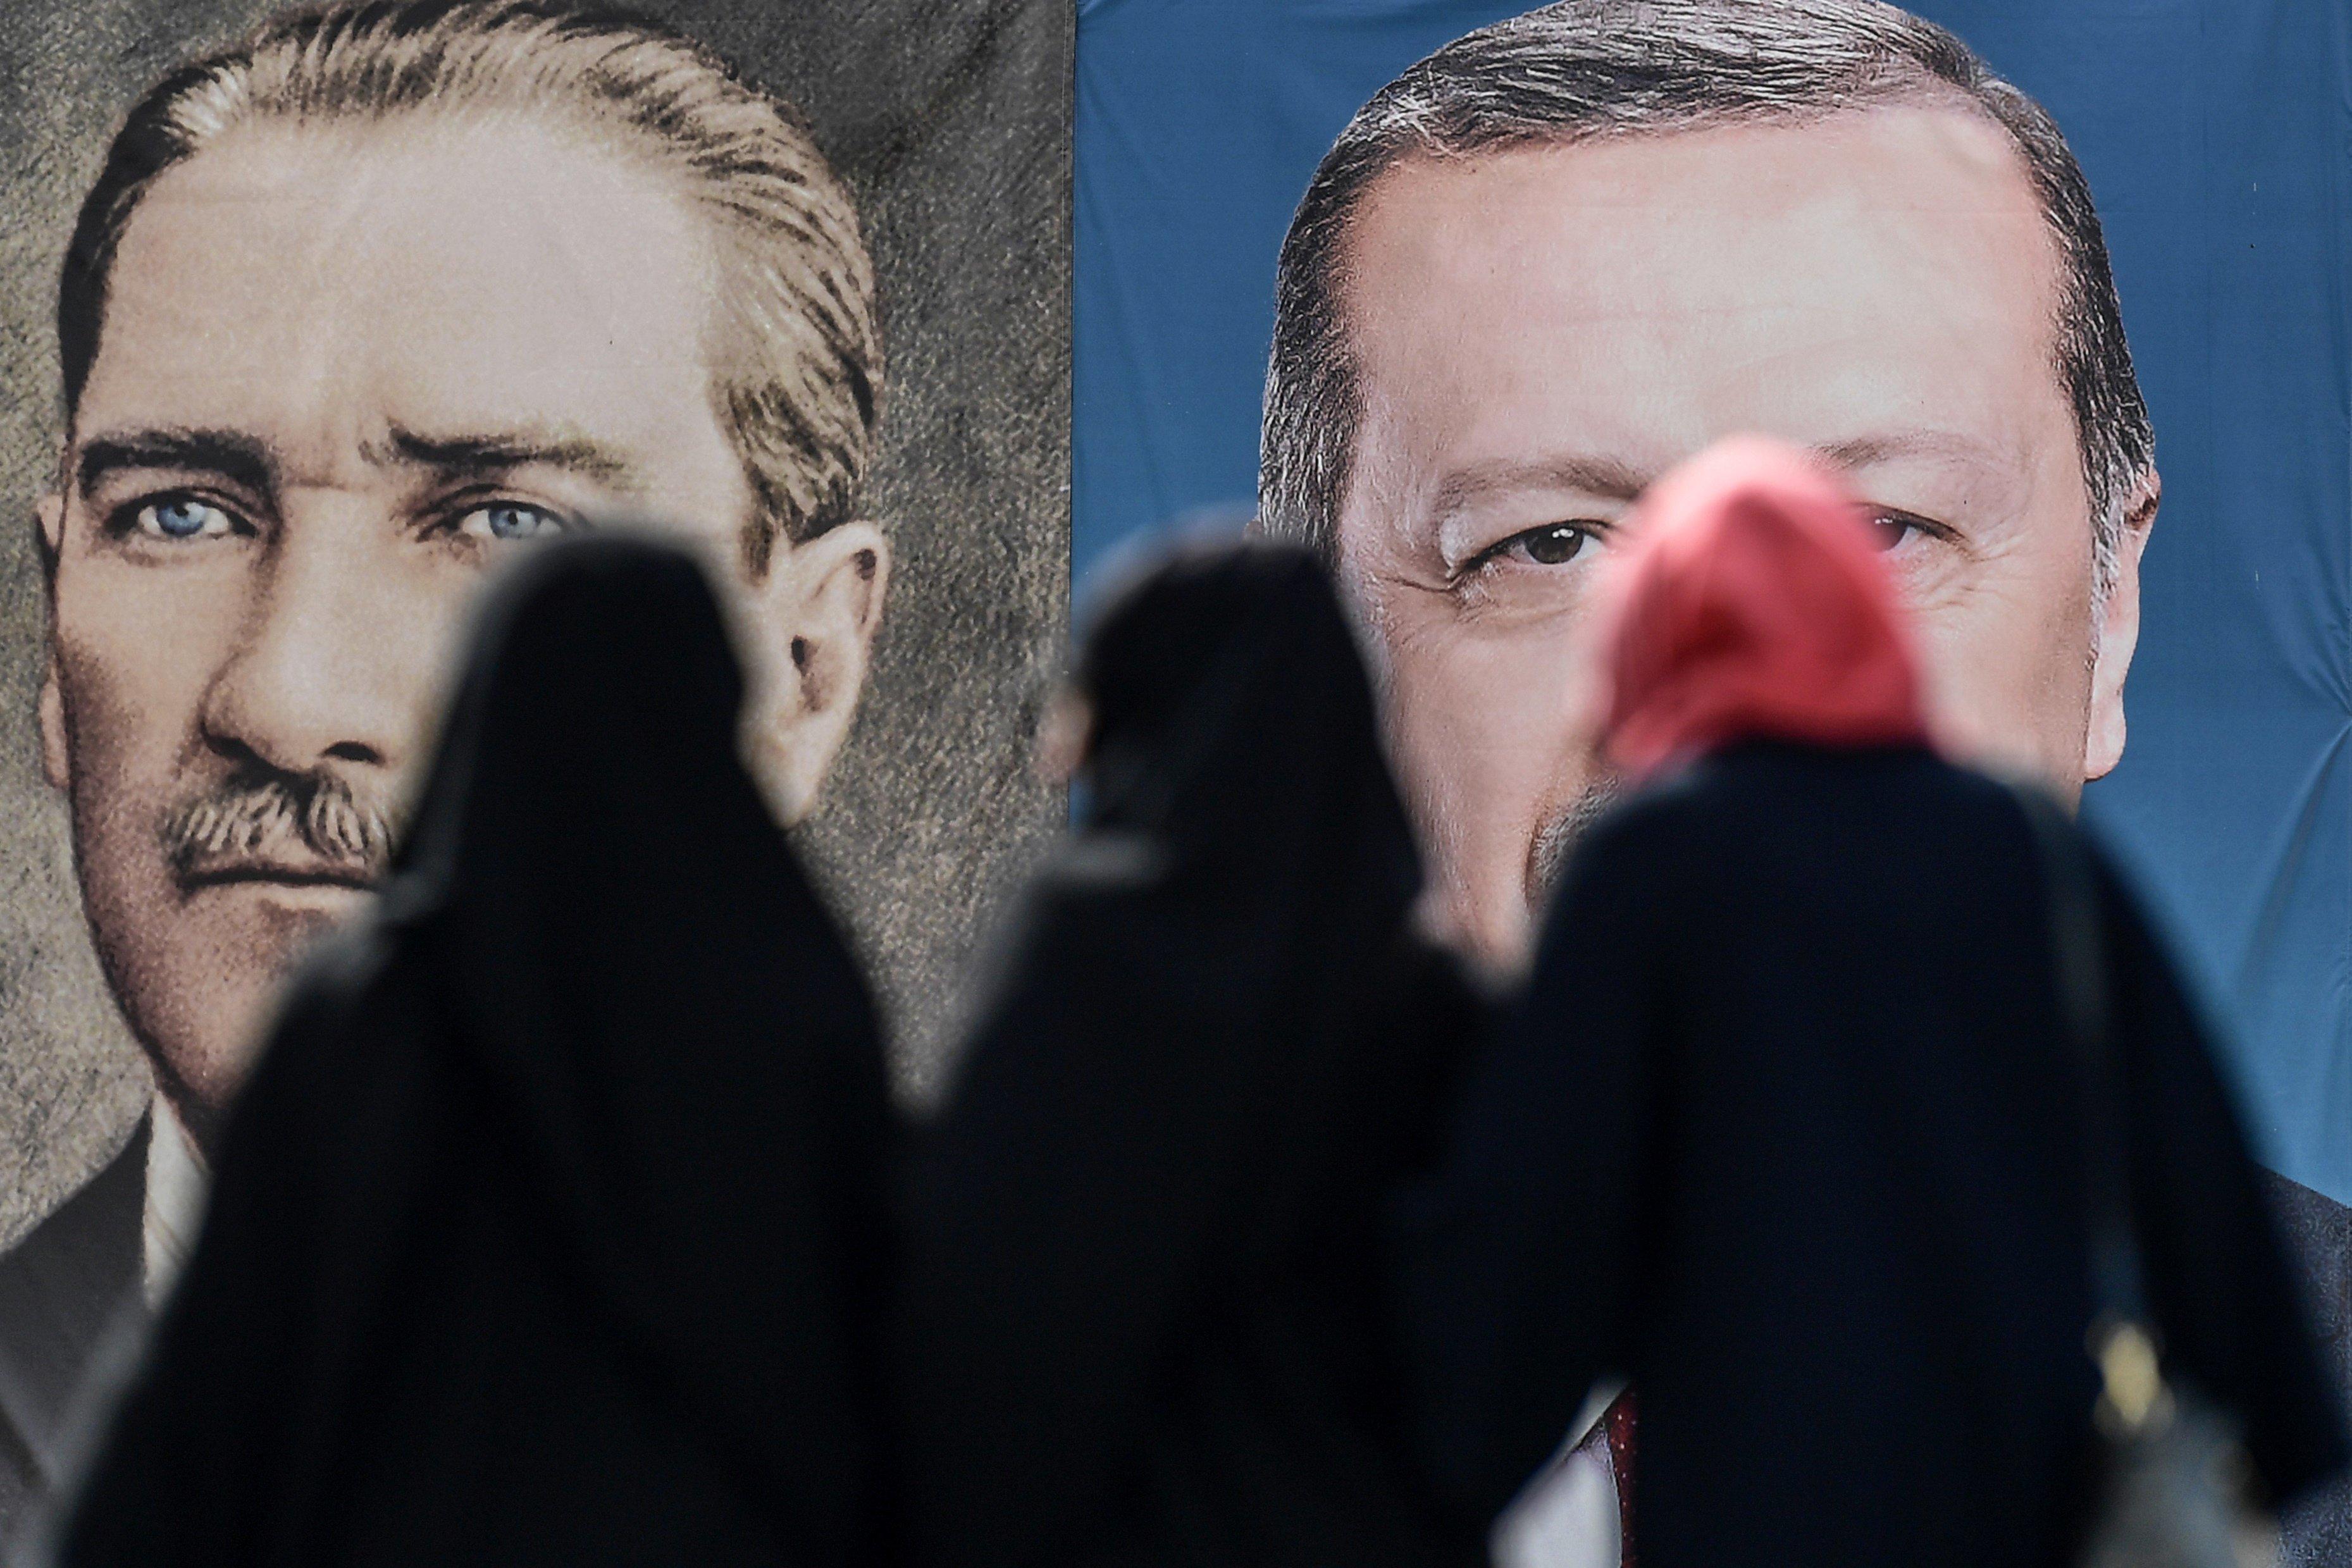 Εκλογές Τουρκία: Μέσω social media ο προεκλογικός αγώνας της